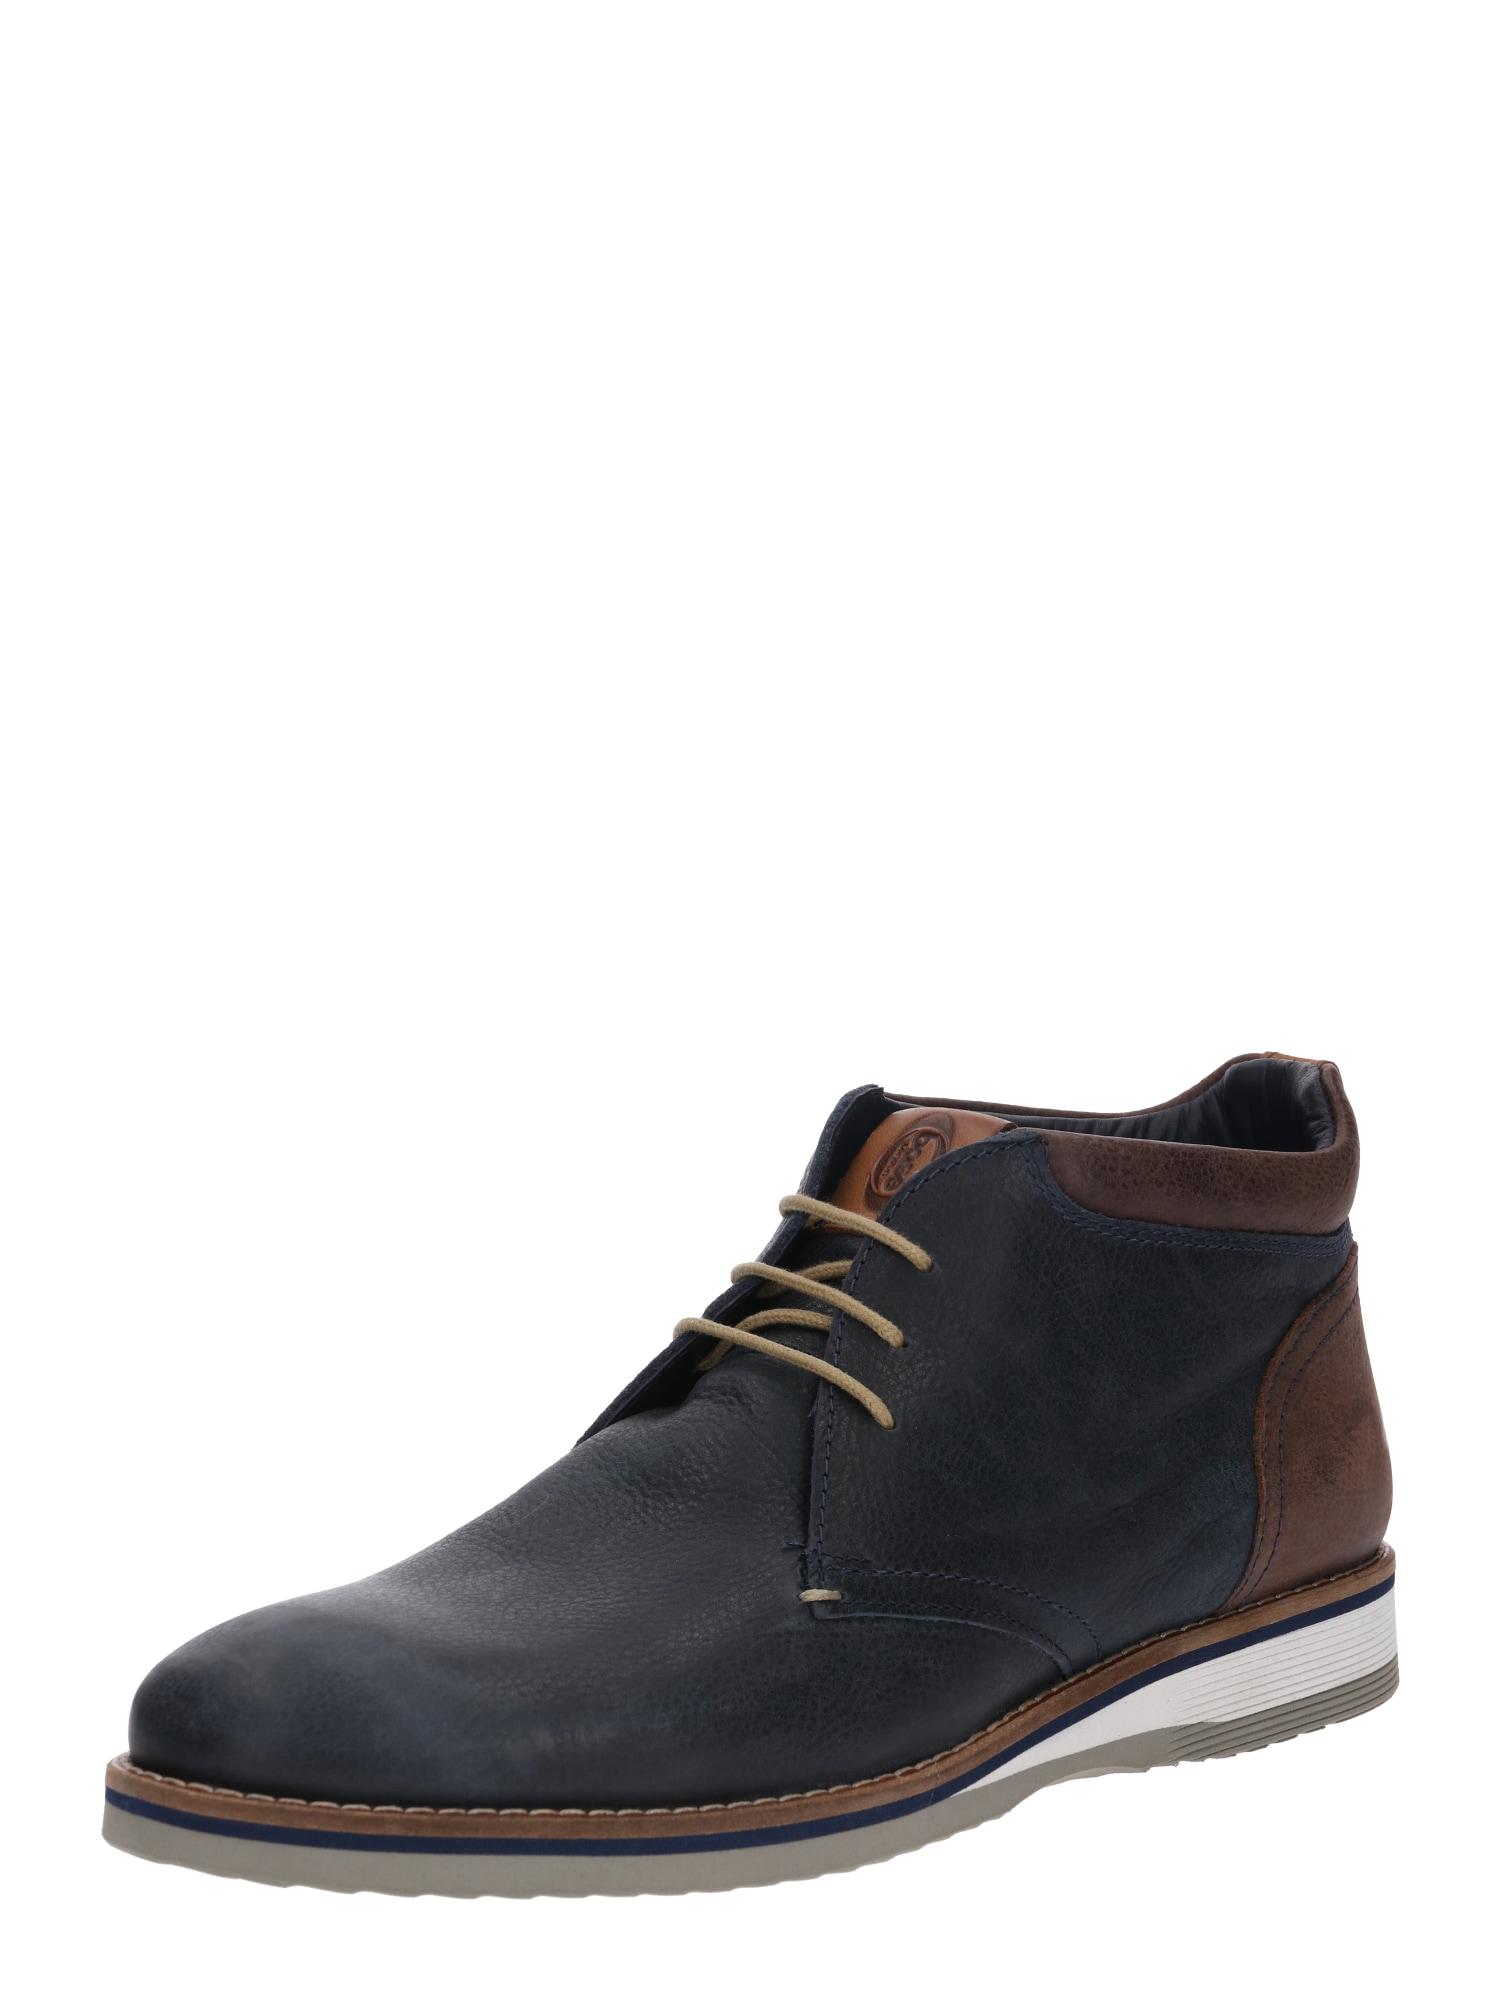 Sportovní šněrovací boty TAYLOR námořnická modř hnědá Base London